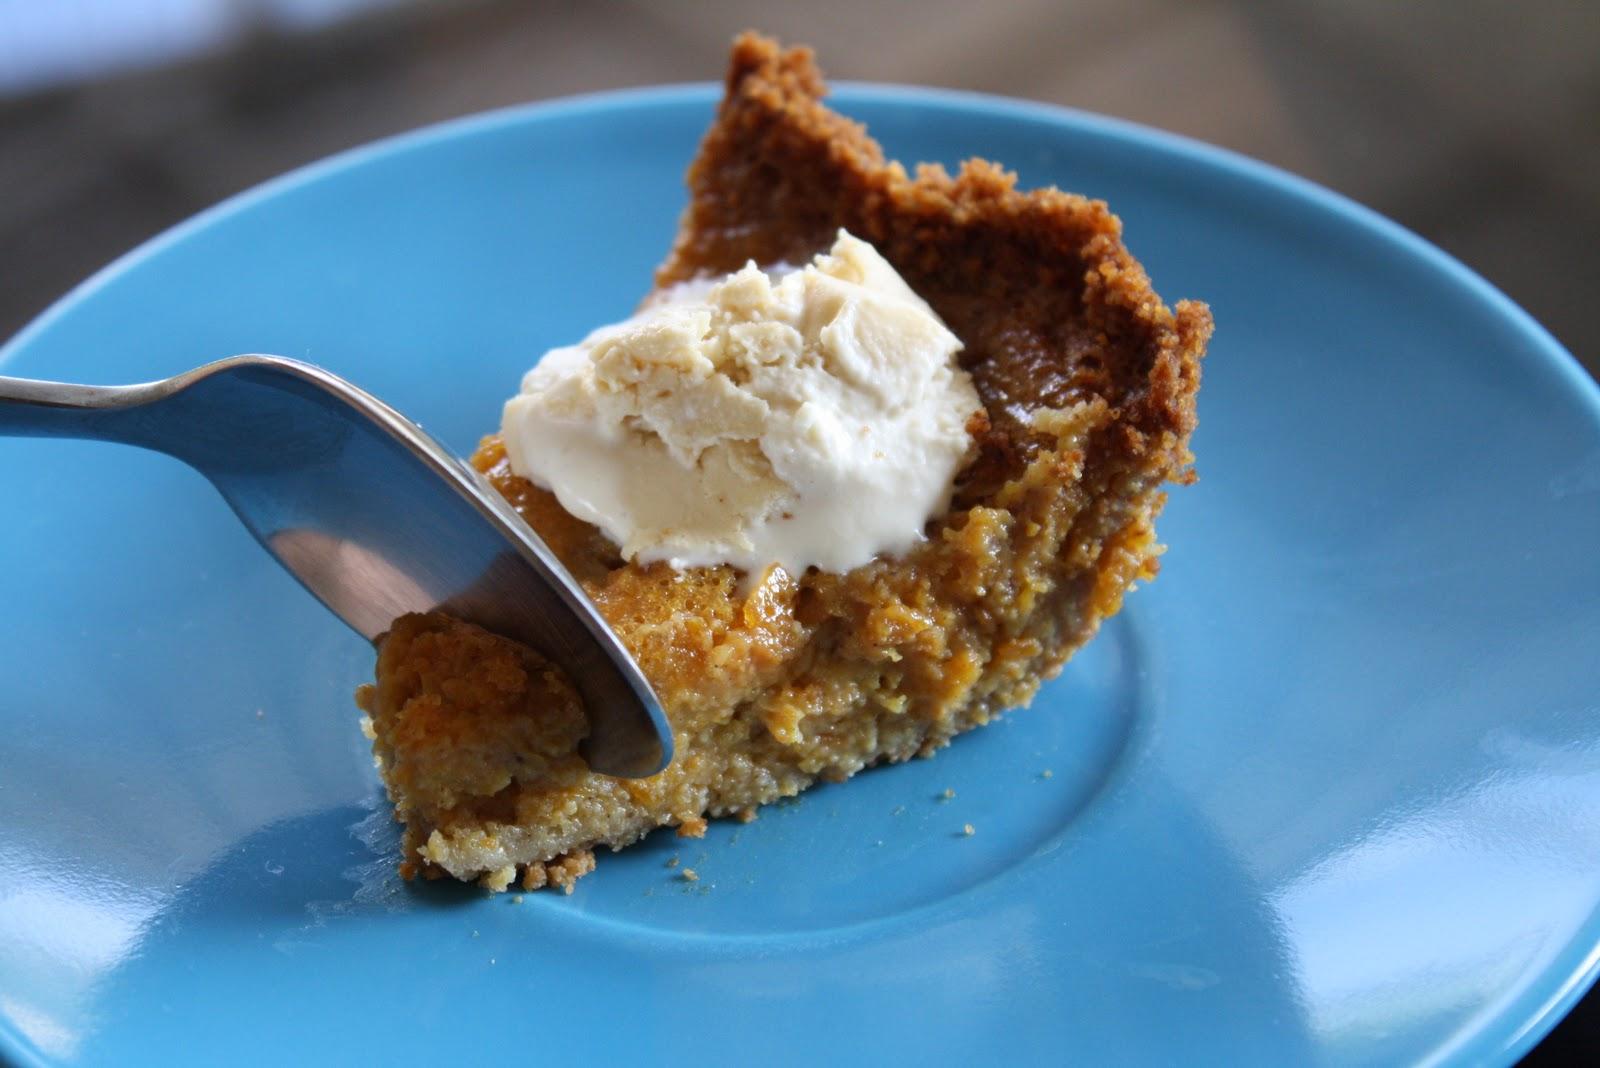 Rachel Ray Cinnamon Swirl Cake Recipe